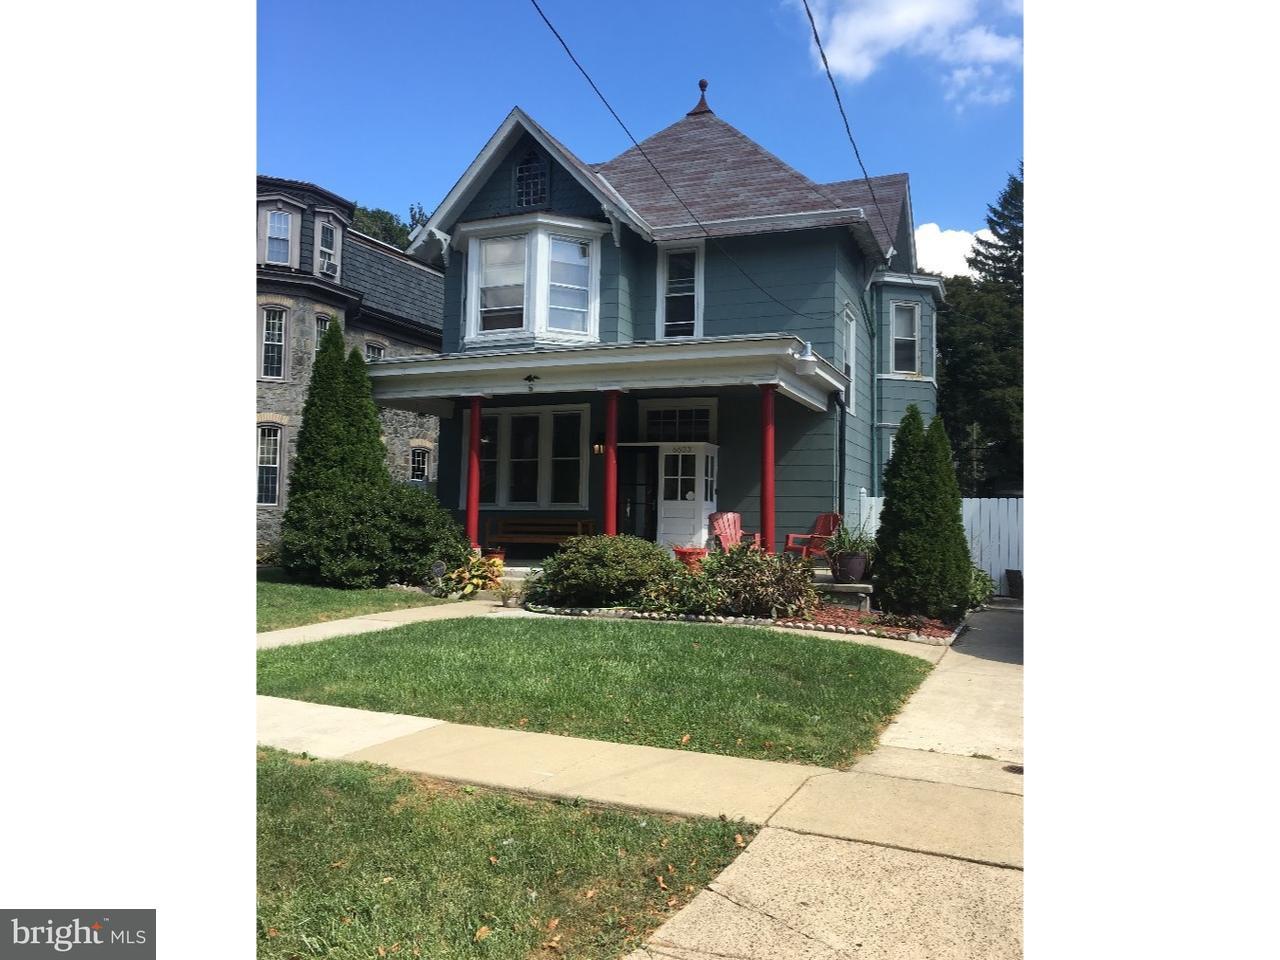 6633 N 8TH Philadelphia, PA 19126